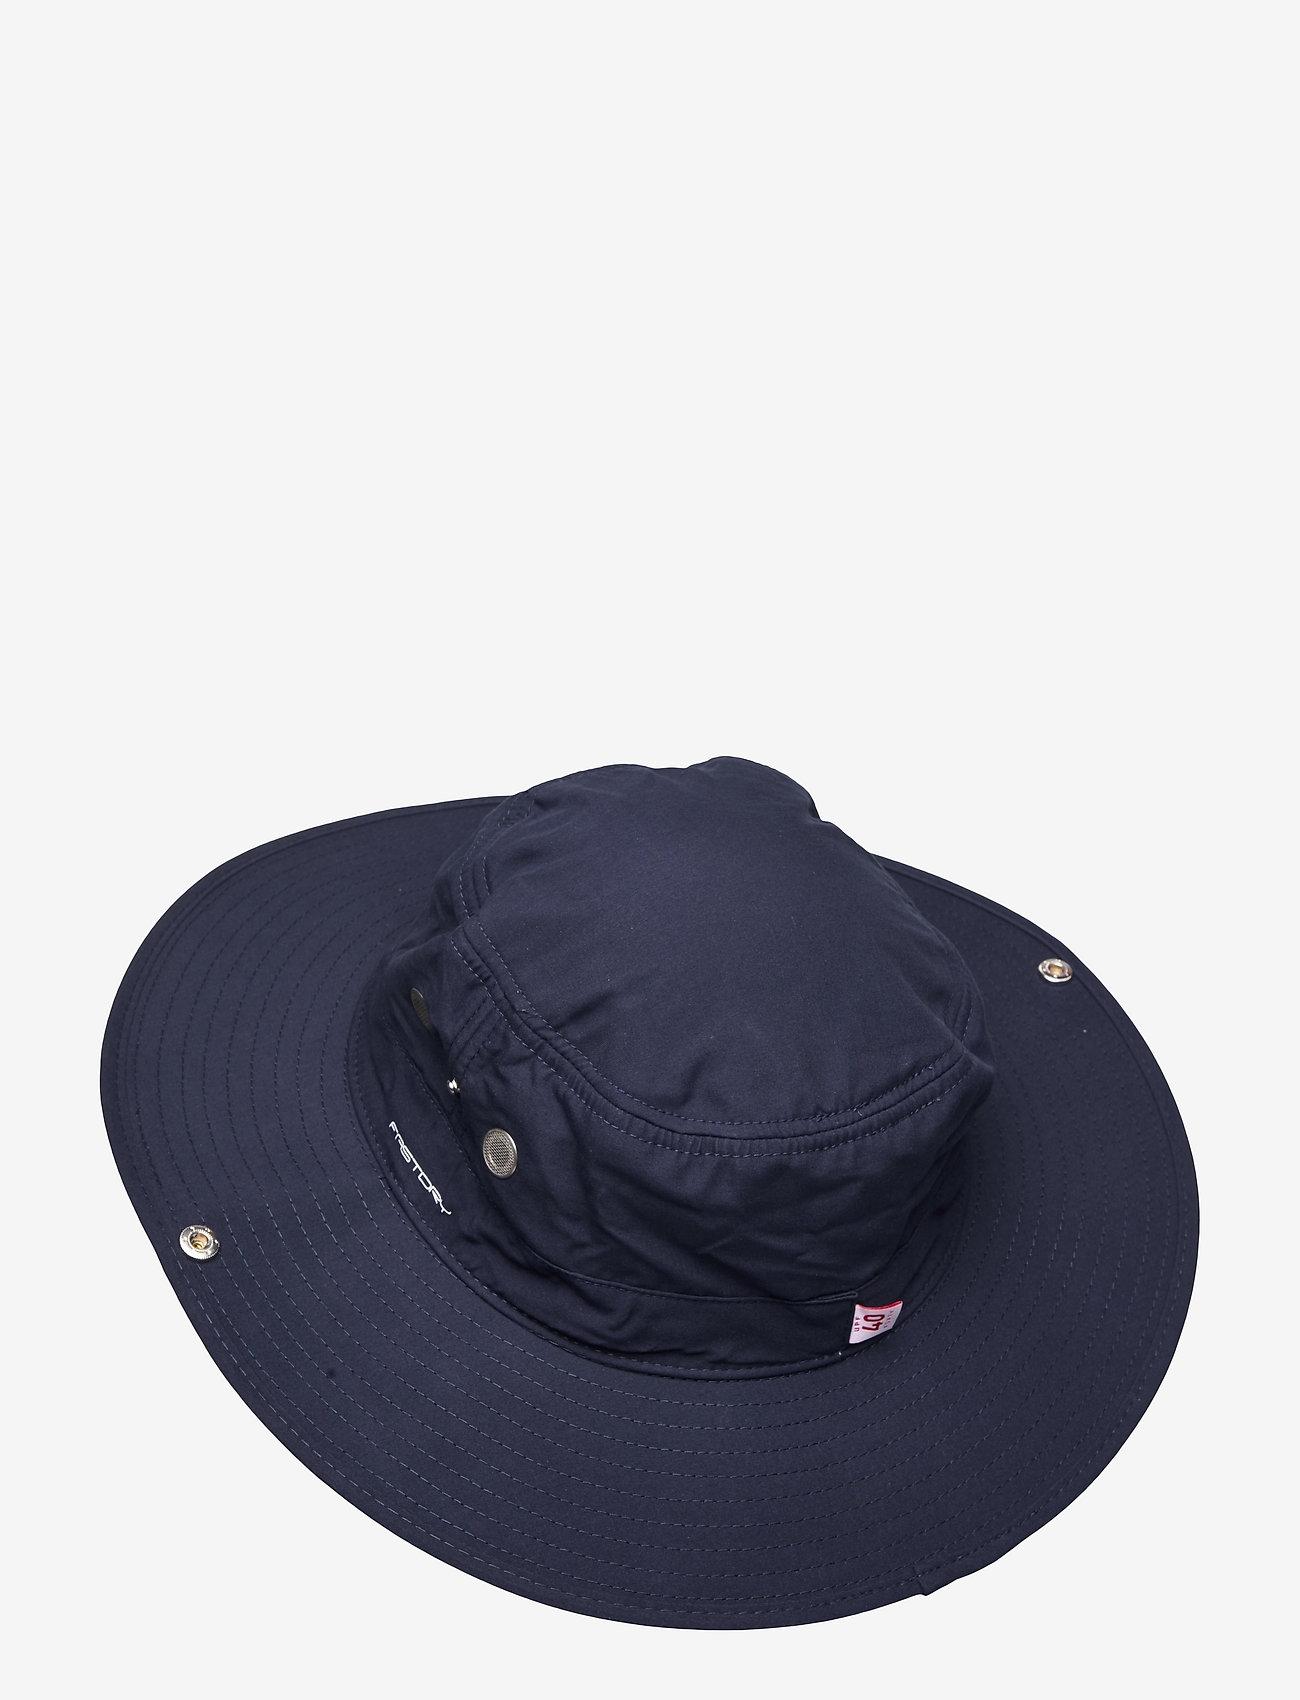 Musto - EVO FD BRIMMED HAT - hats - 598 true navy - 1